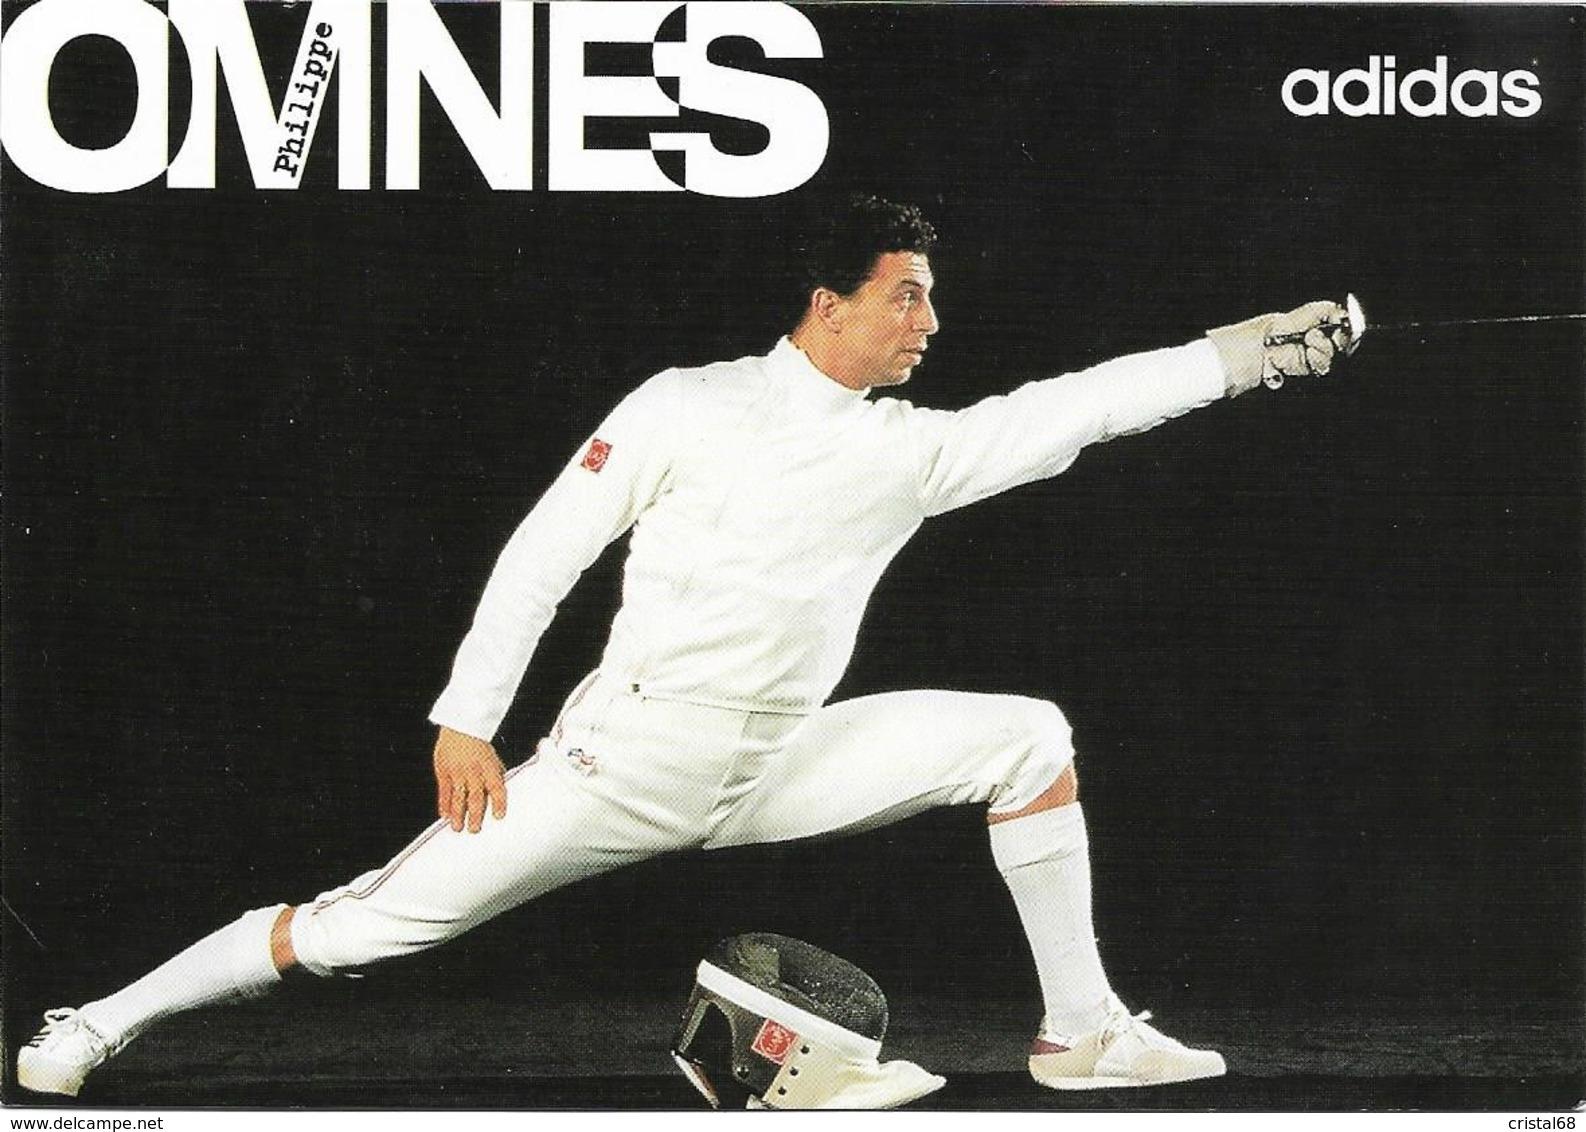 OMNES Philippe - Carte Postale éditée Par ADIDAS - Autographe Du Sportif Au Verso (Voir 2 SCANS). - Fencing